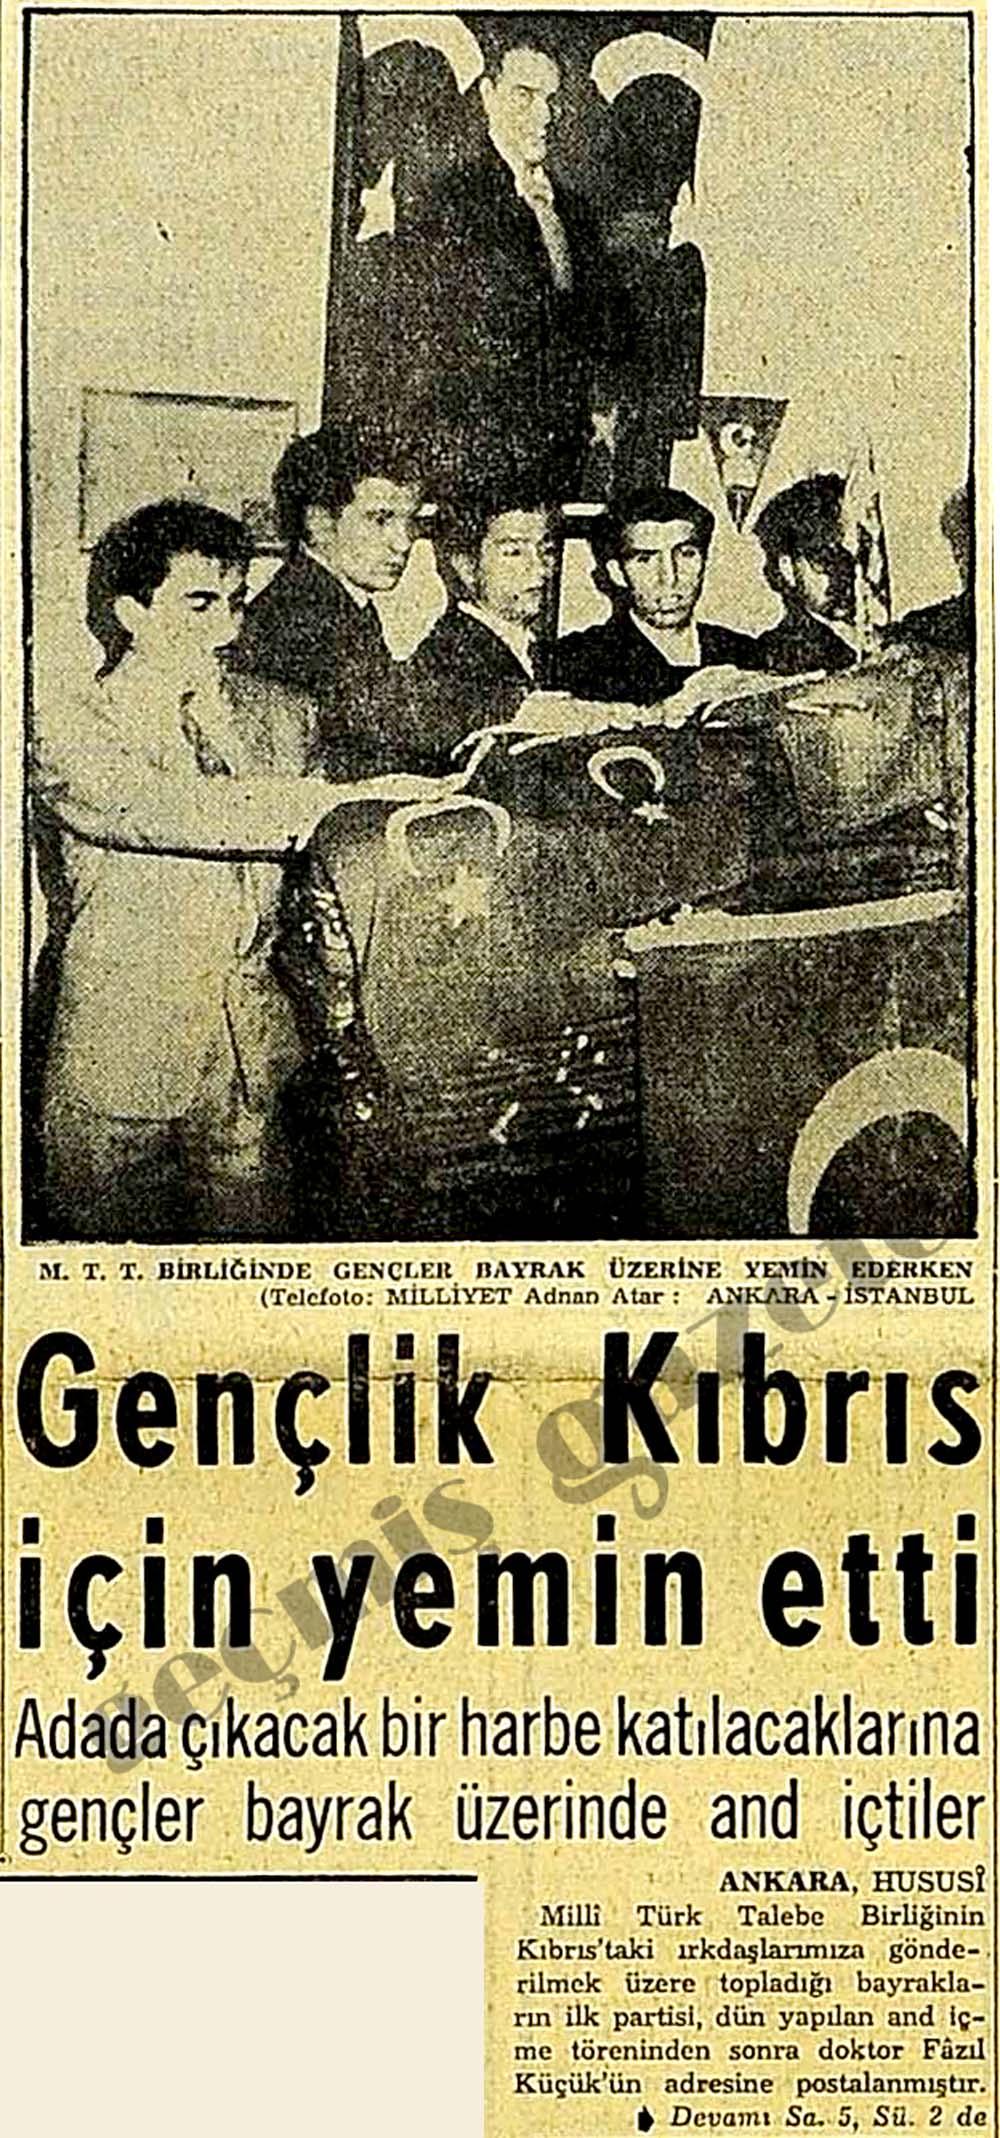 Gençlik Kıbrıs için yemin etti